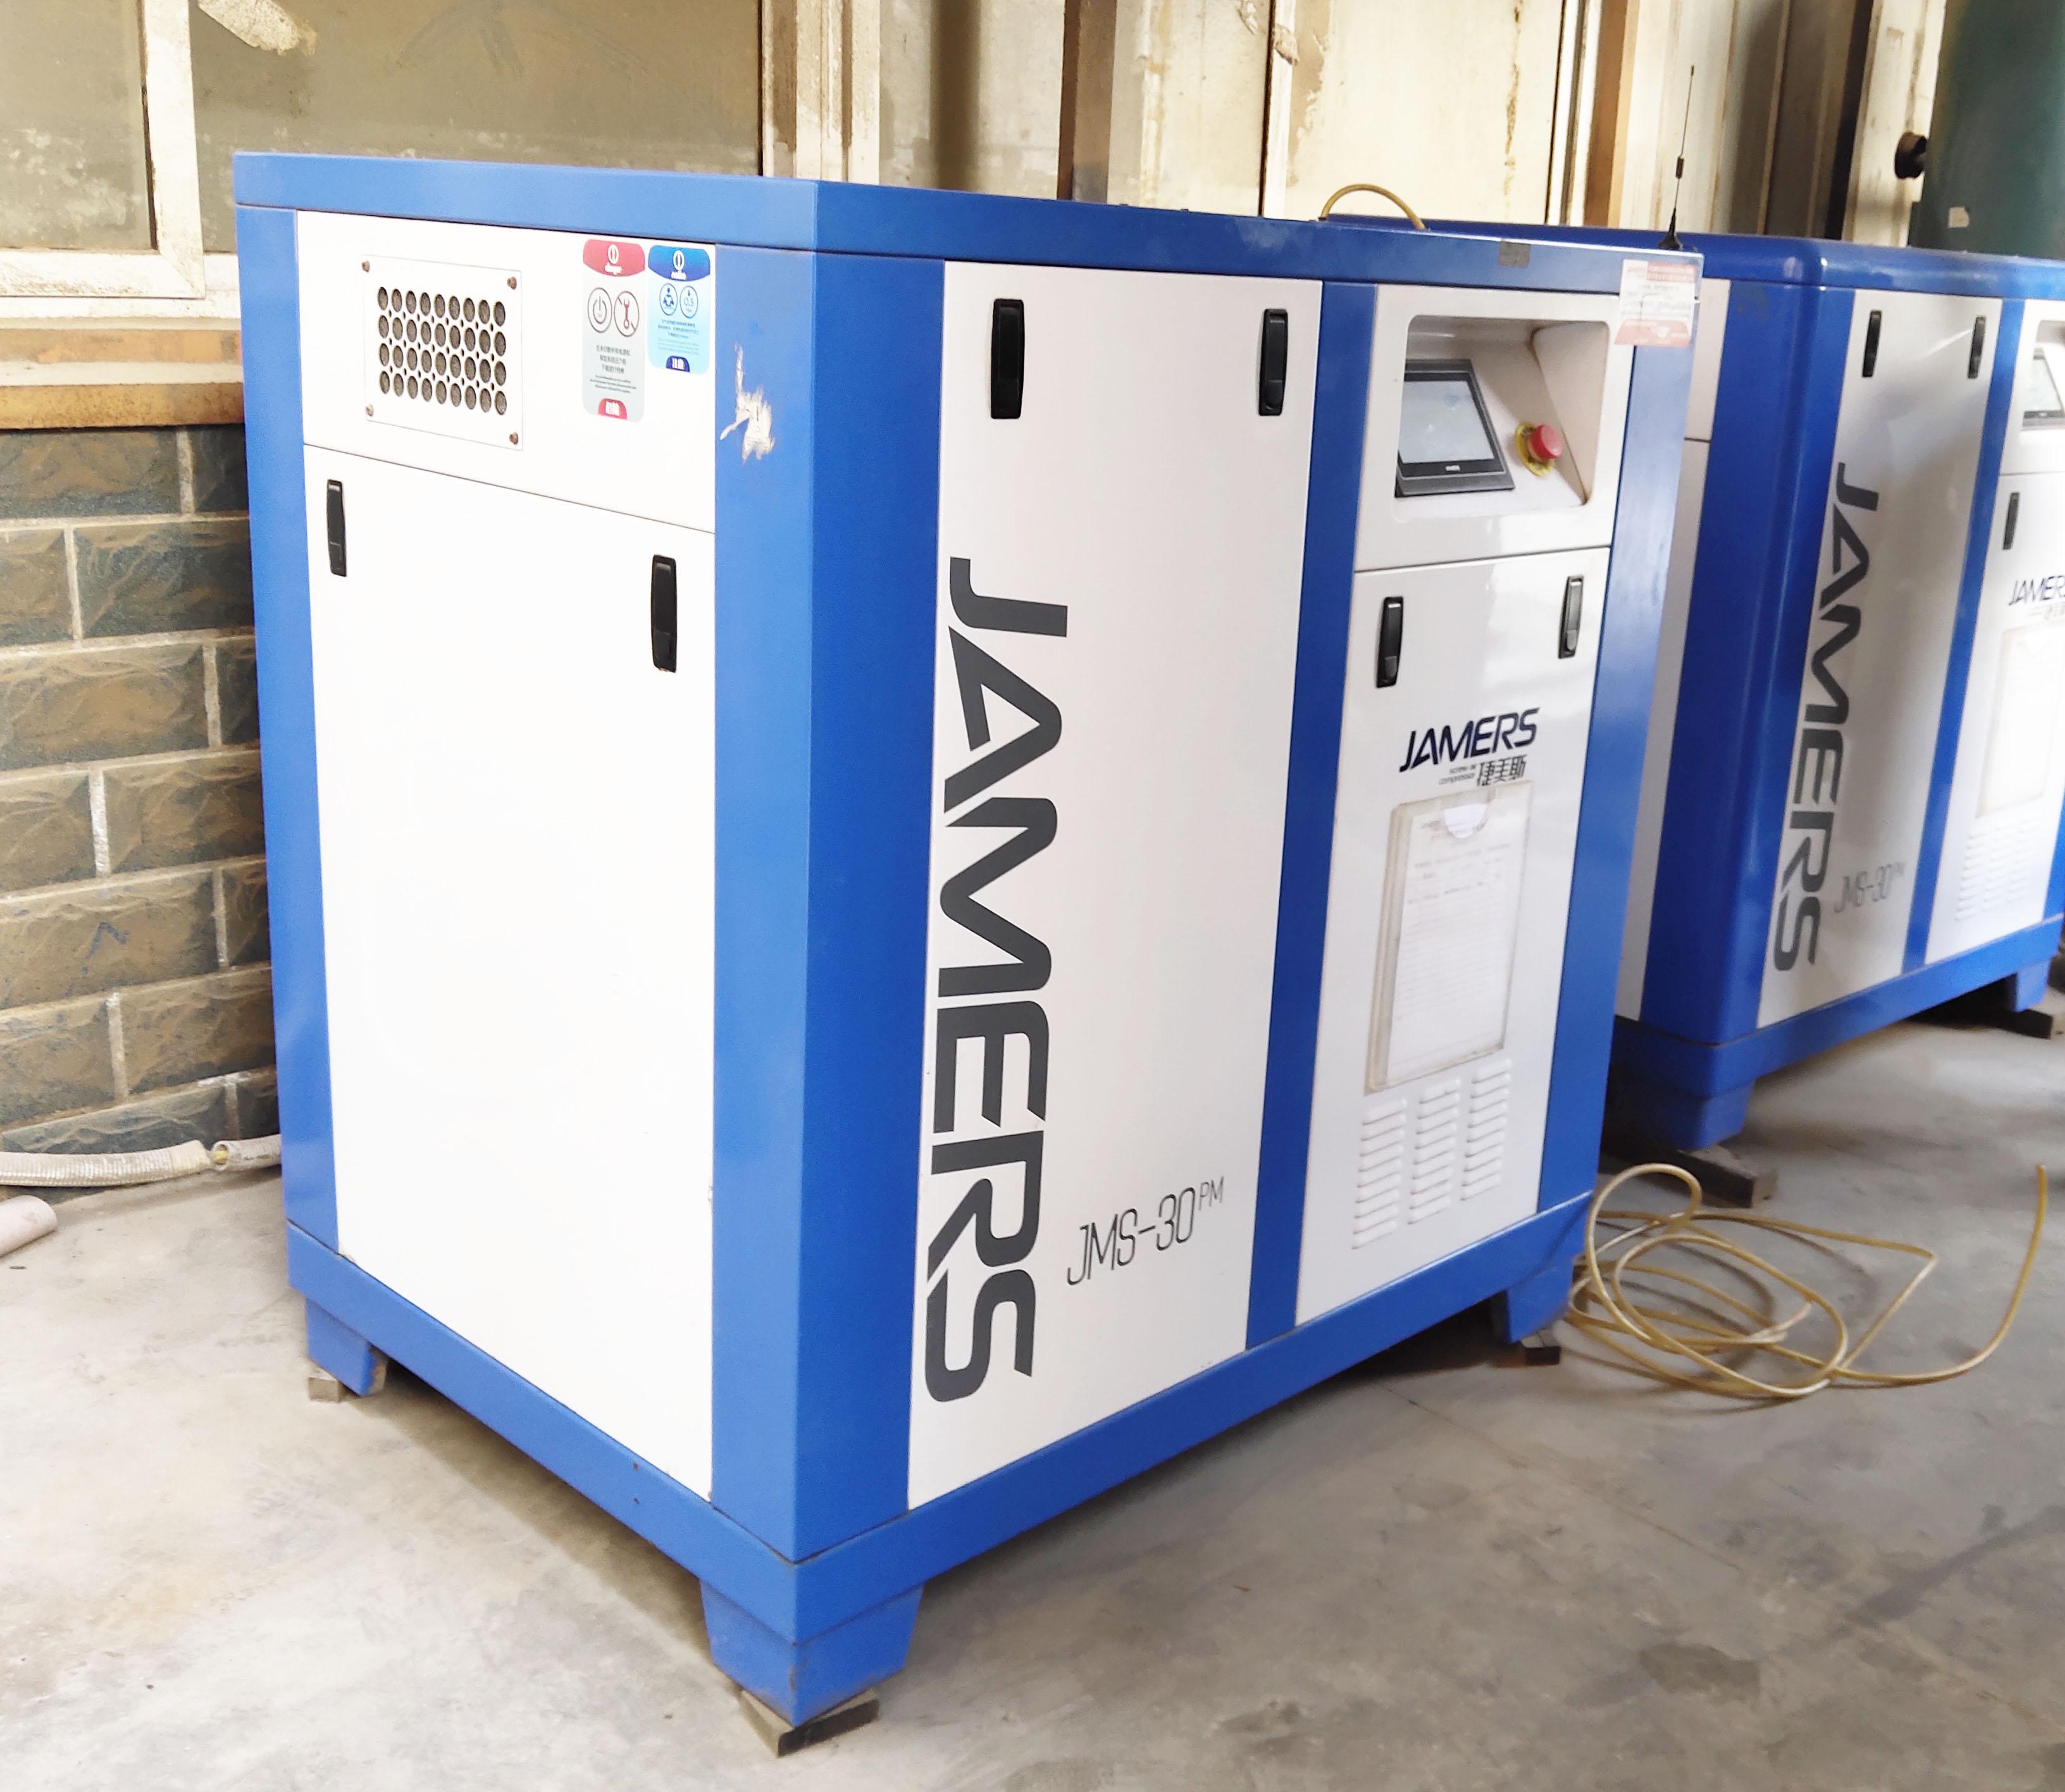 螺杆式空气压缩机的优点及运行特征